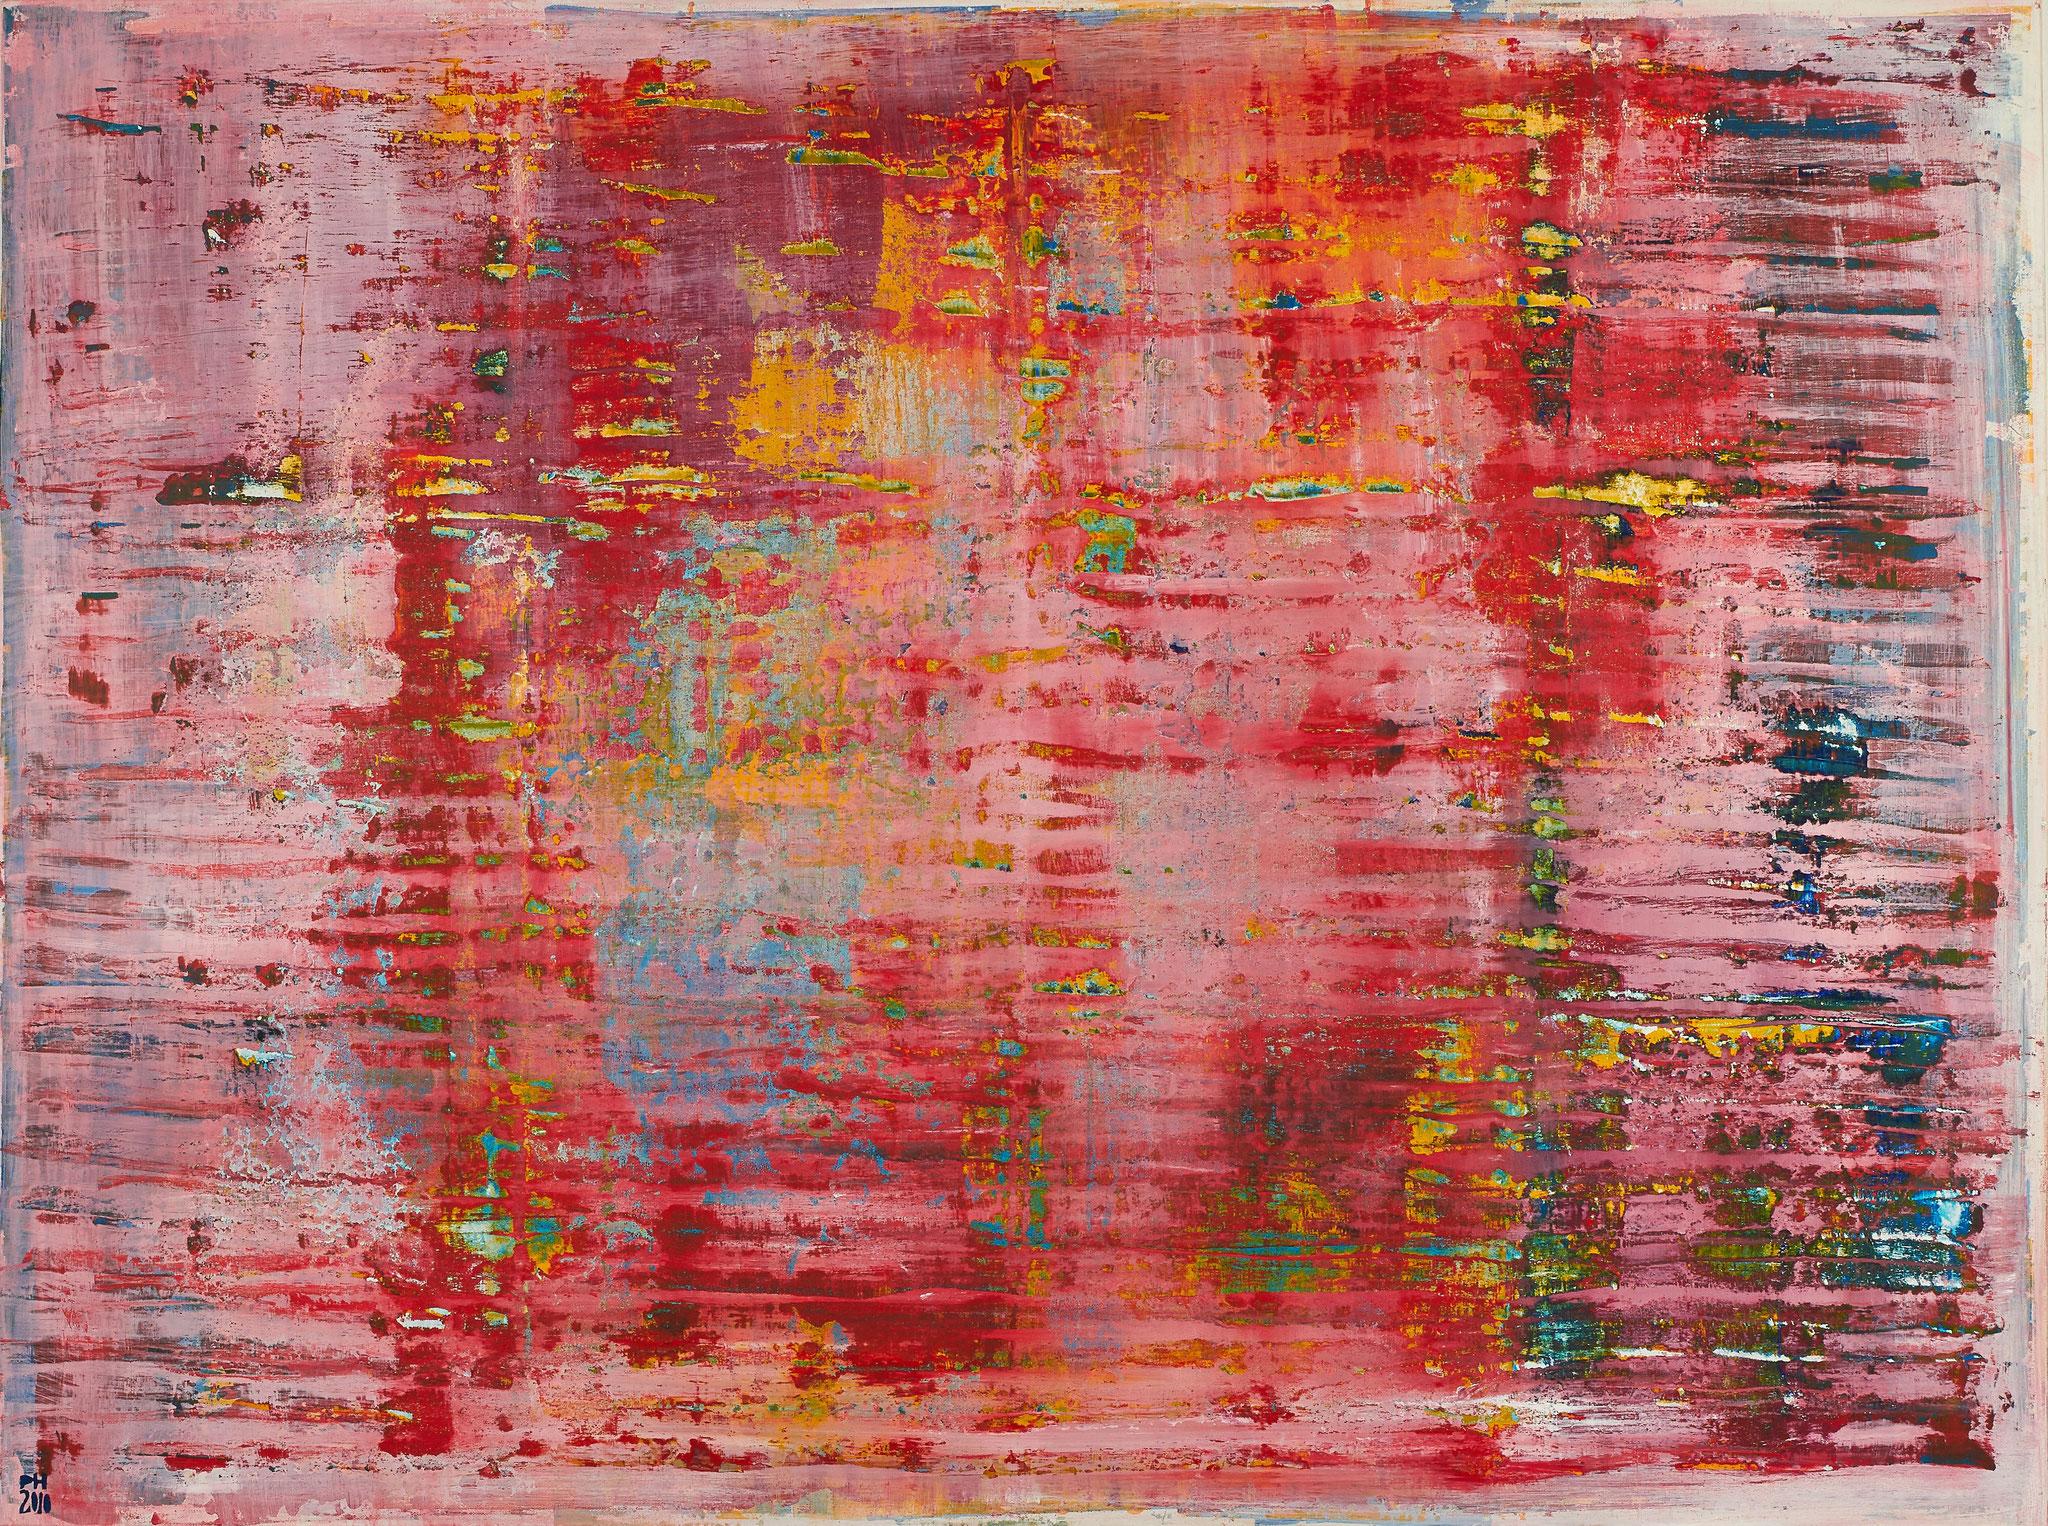 No. 13 - Mischtechnik Acryl auf Leinwand 160x120 cm (2010) - verkauft -